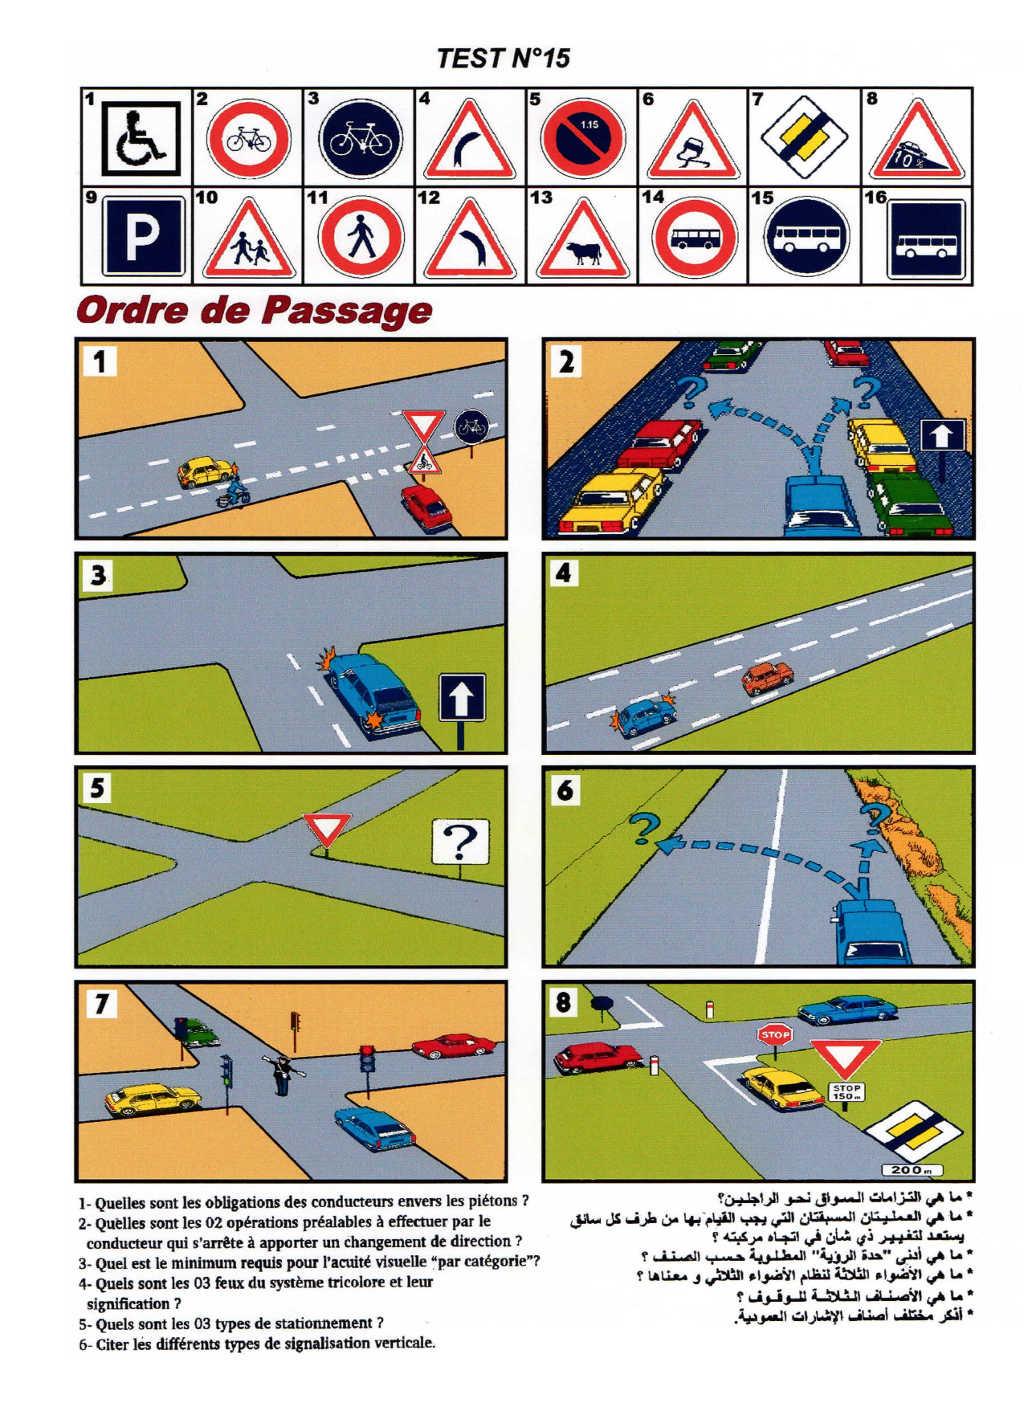 كتاب امتحان رخصة السياقة - الصفحة 15